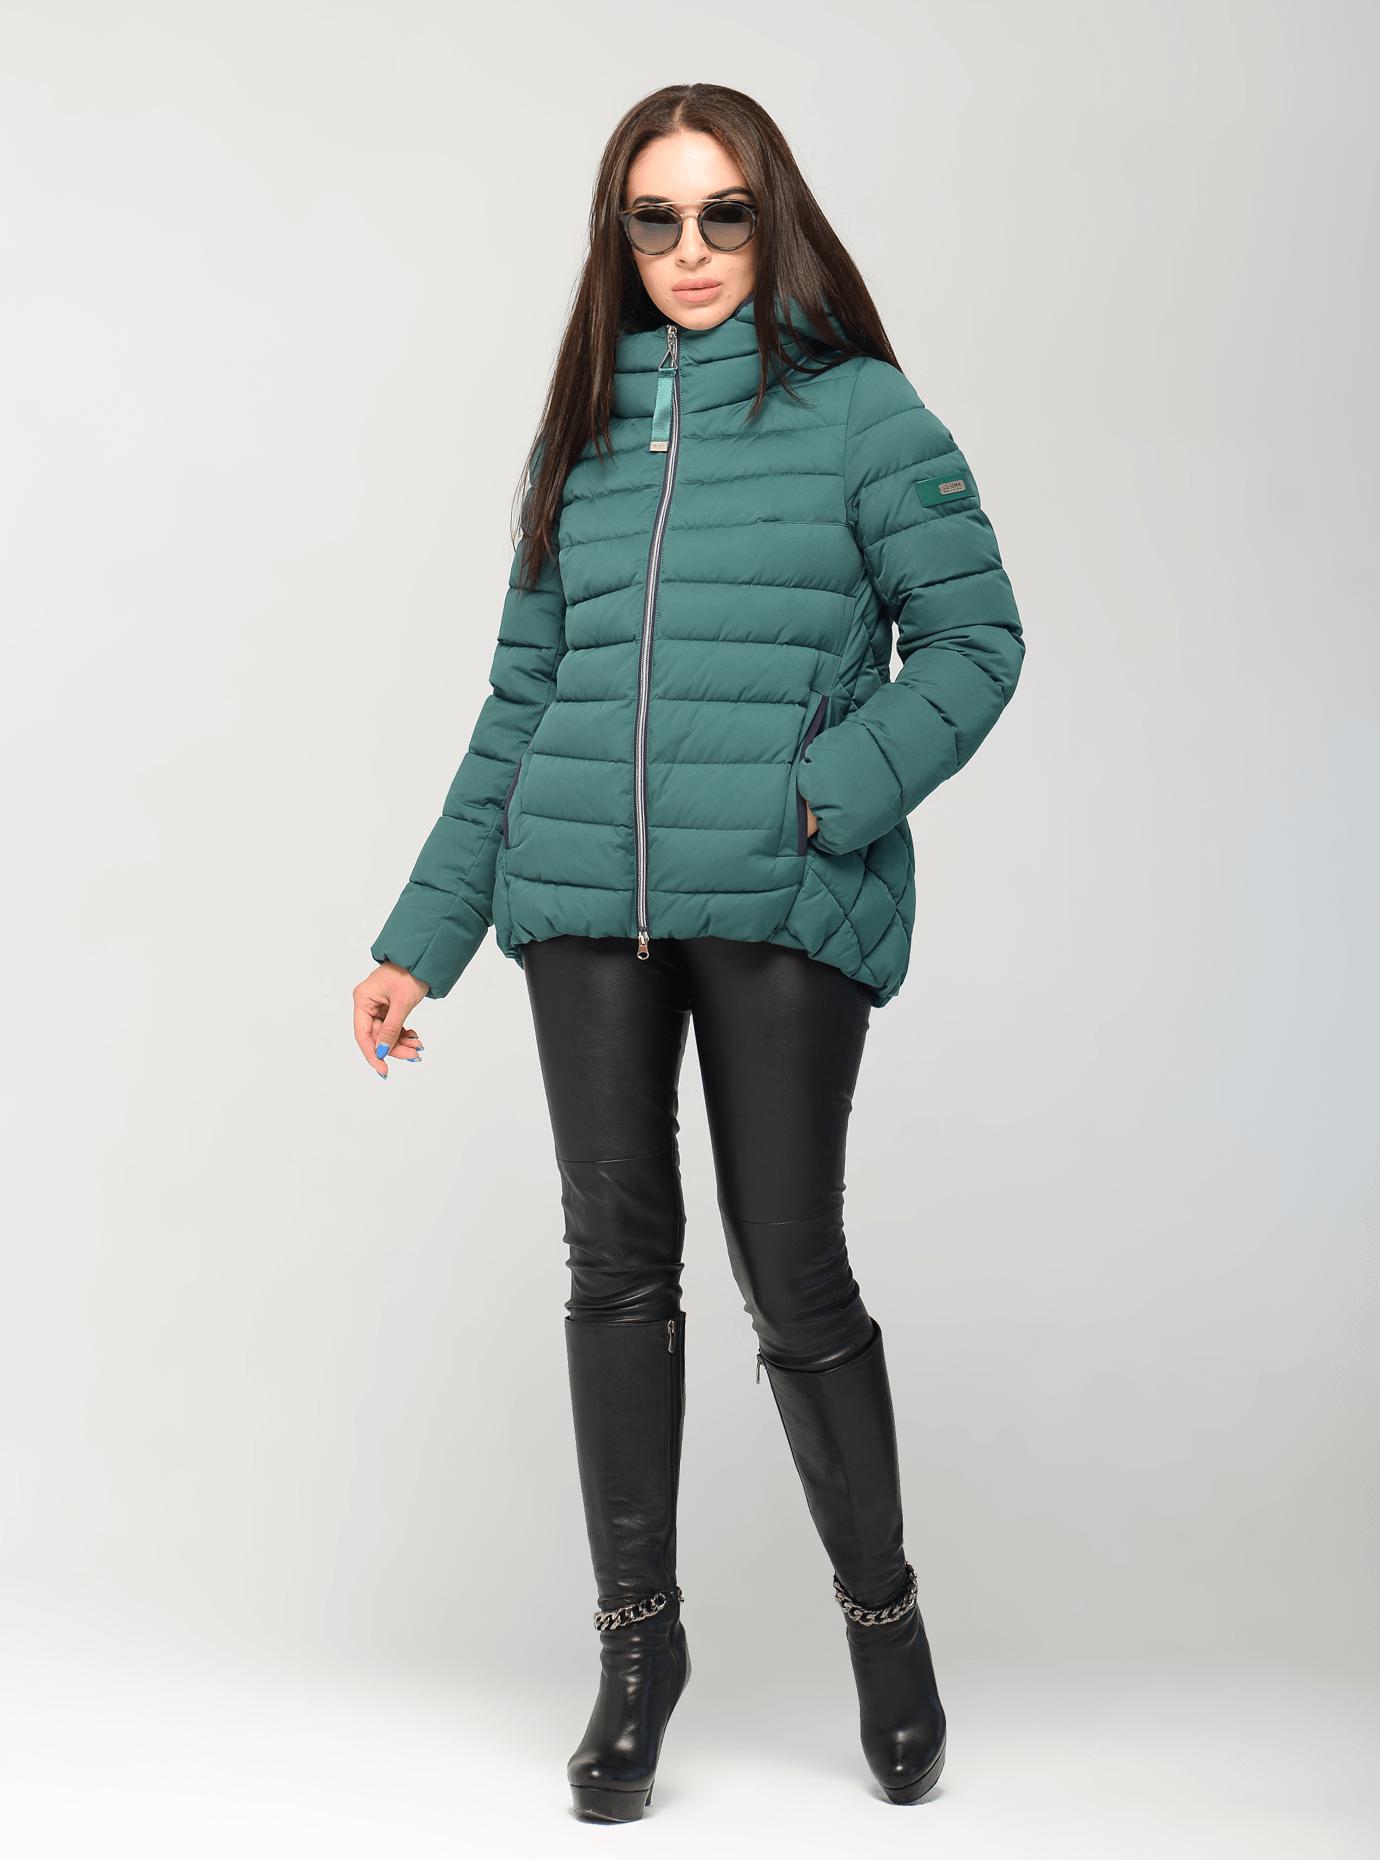 Куртка зимняя женская короткая Чёрный S (02-CR170276): фото - Alster.ua